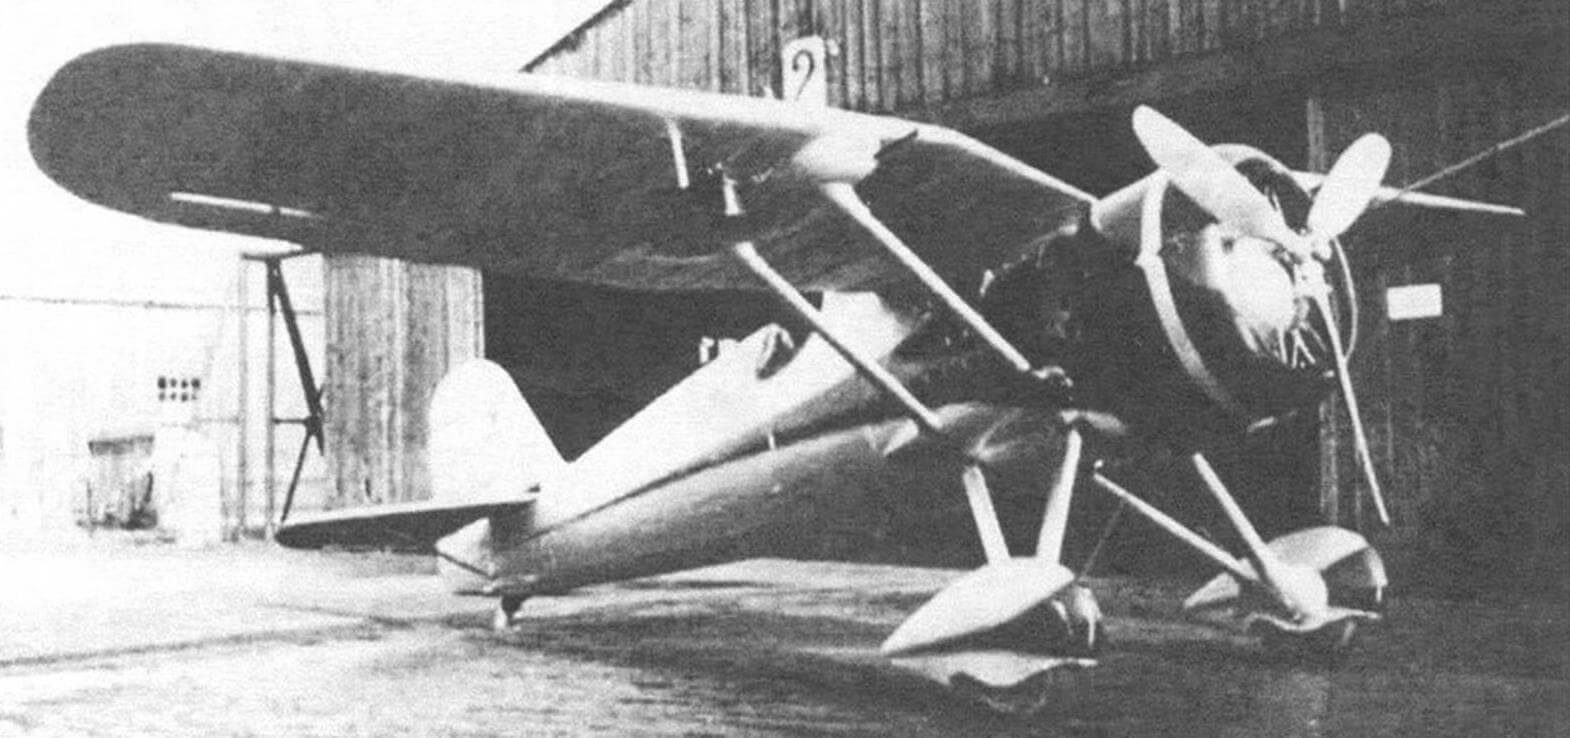 Второй опытный образец истребителя, Р-24/II, 1934 г.